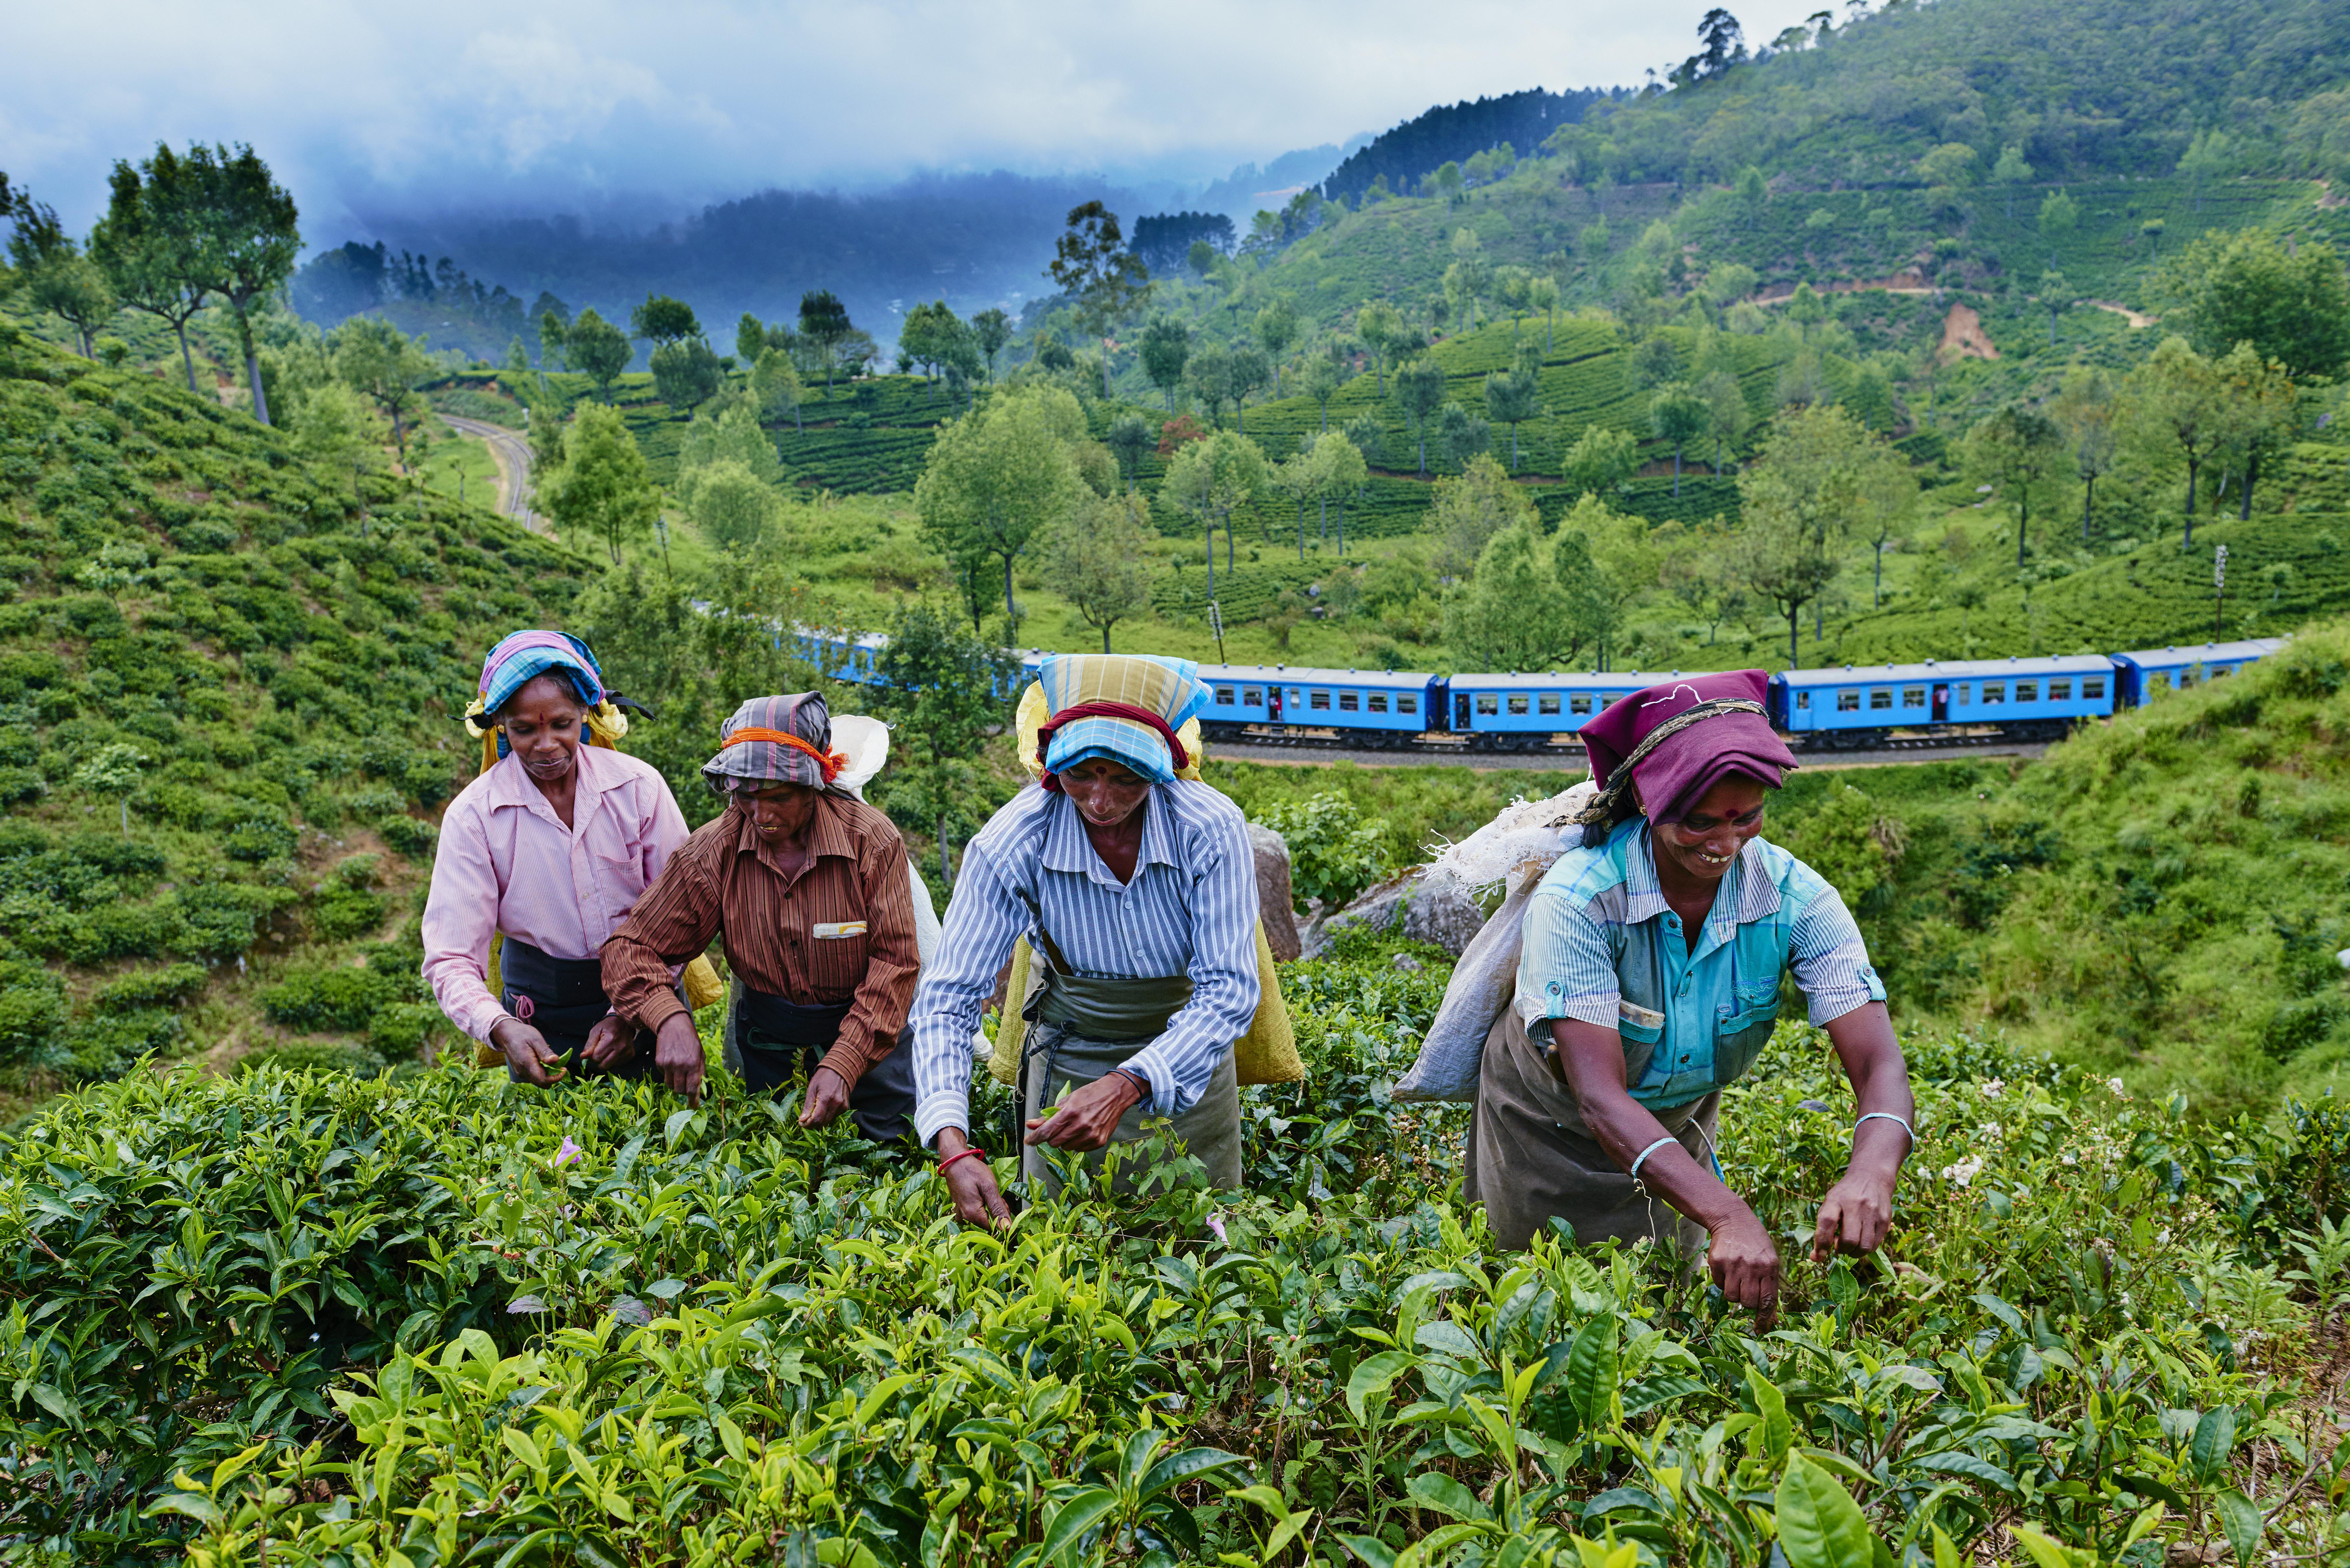 Sri Lanka, Haputale, tea plantation